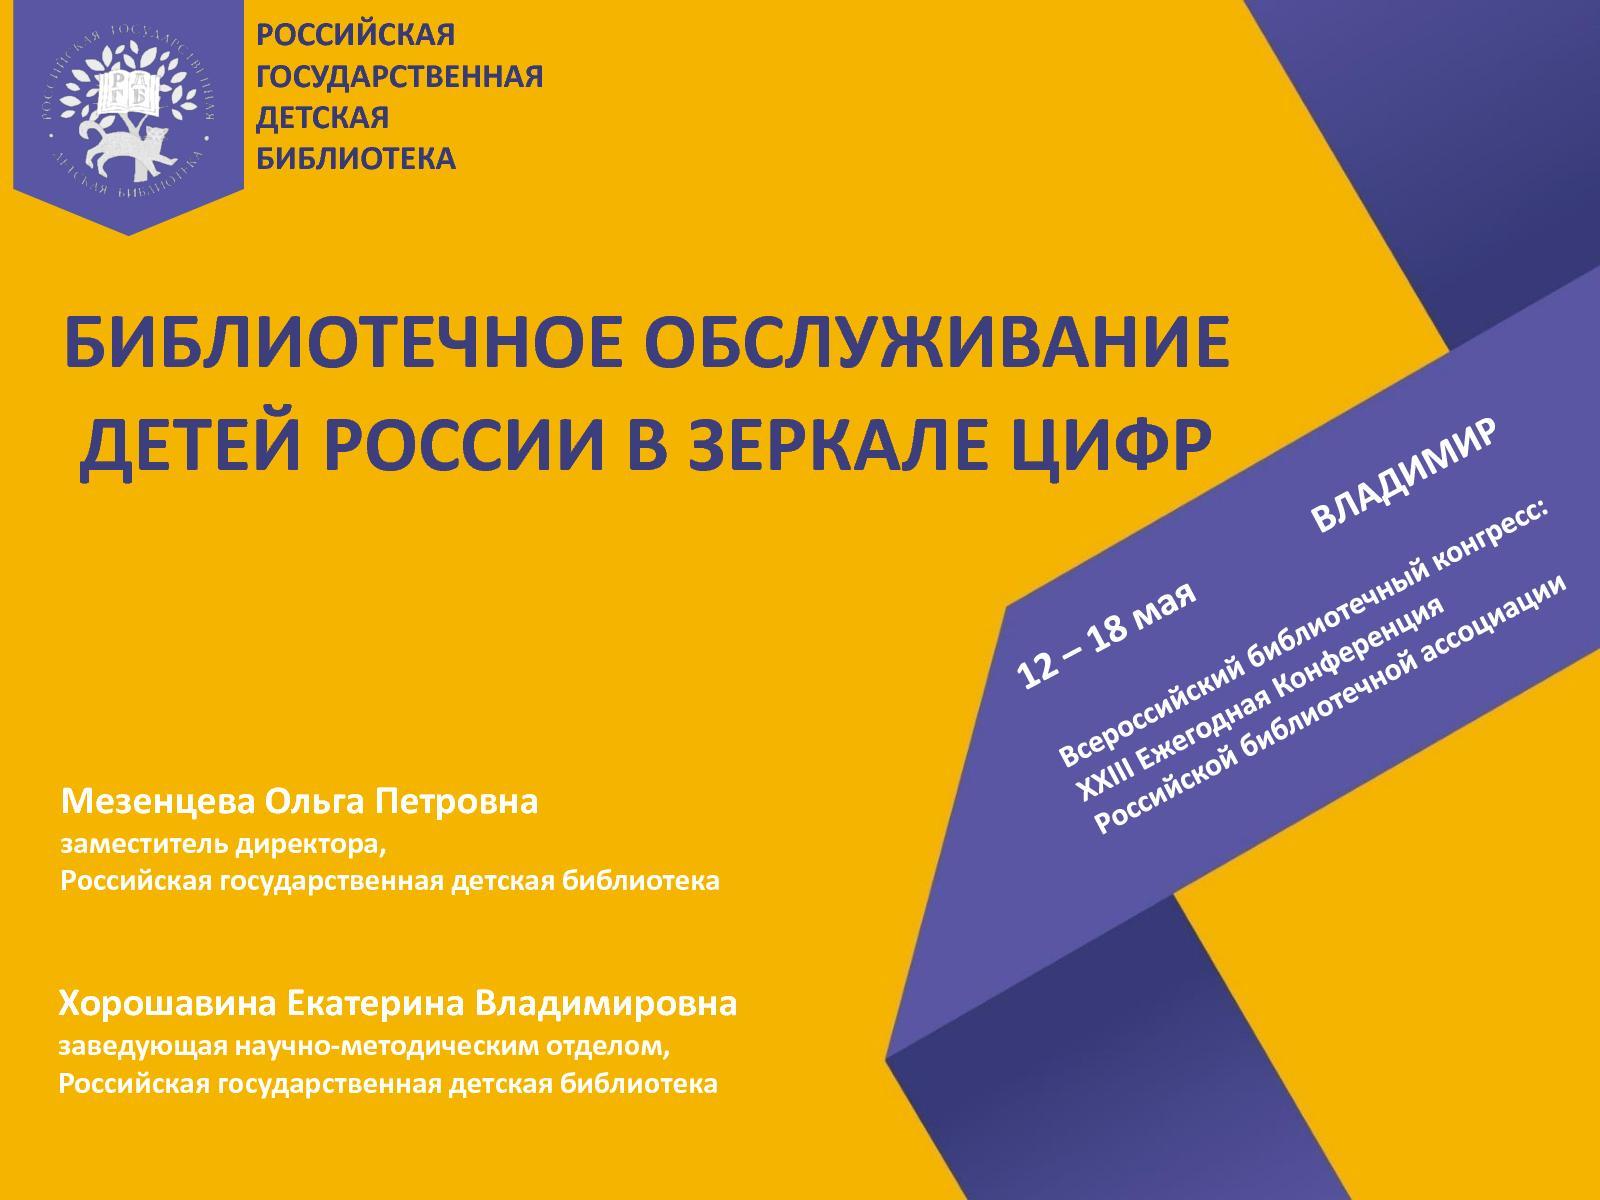 02_Библиотечное обслуживание детей России в зеркале цифр